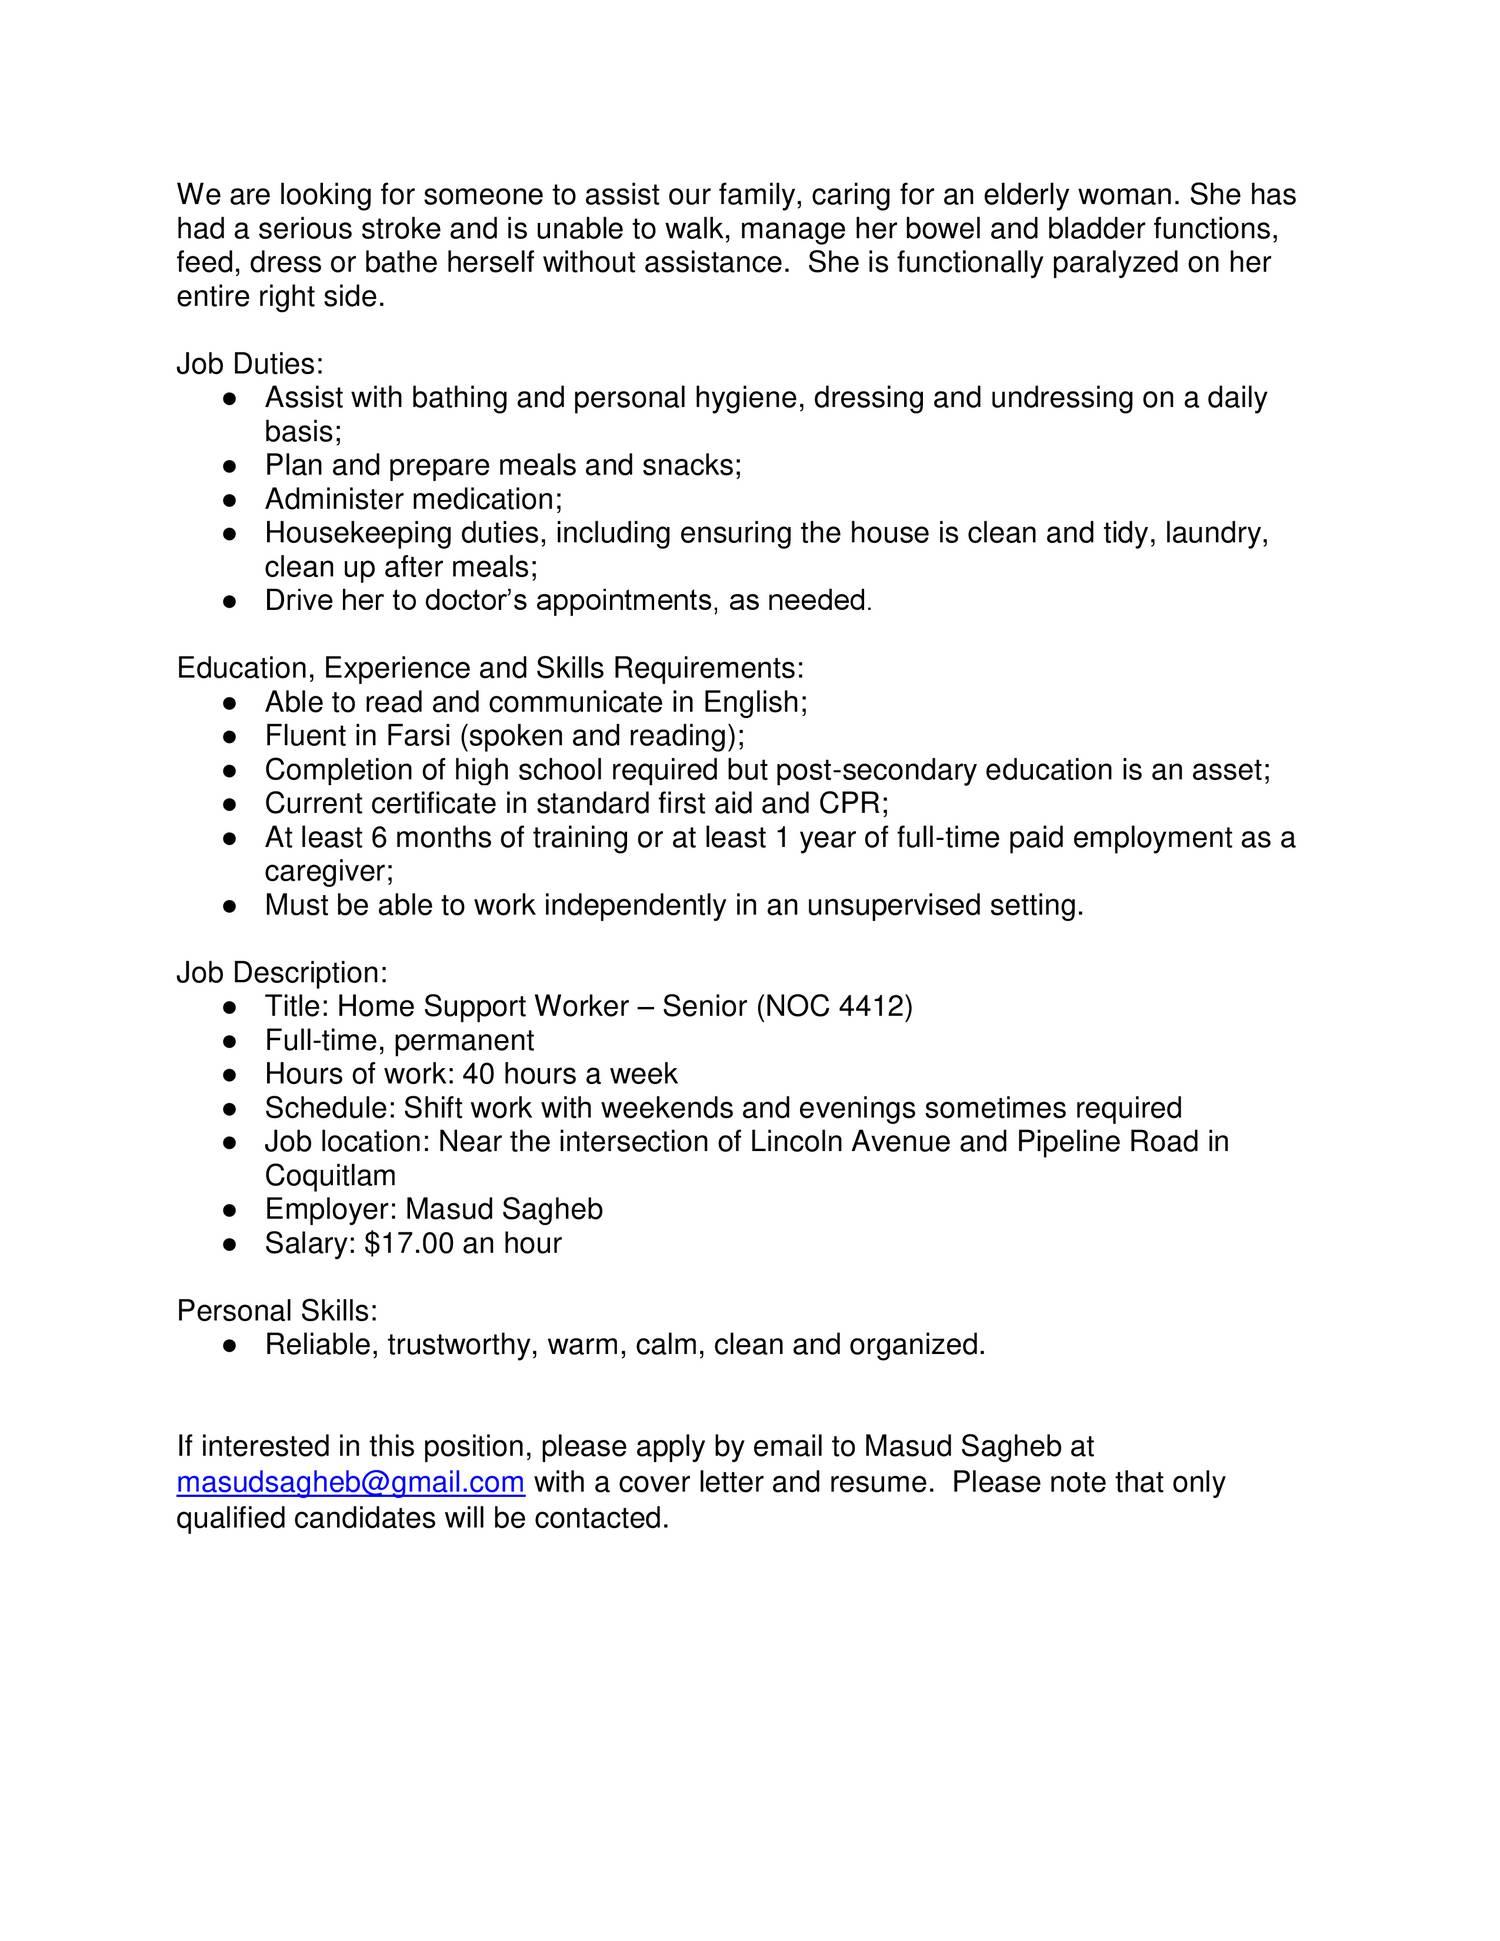 170915 Job Description 00190244xDE1E4 docx   DocDroid